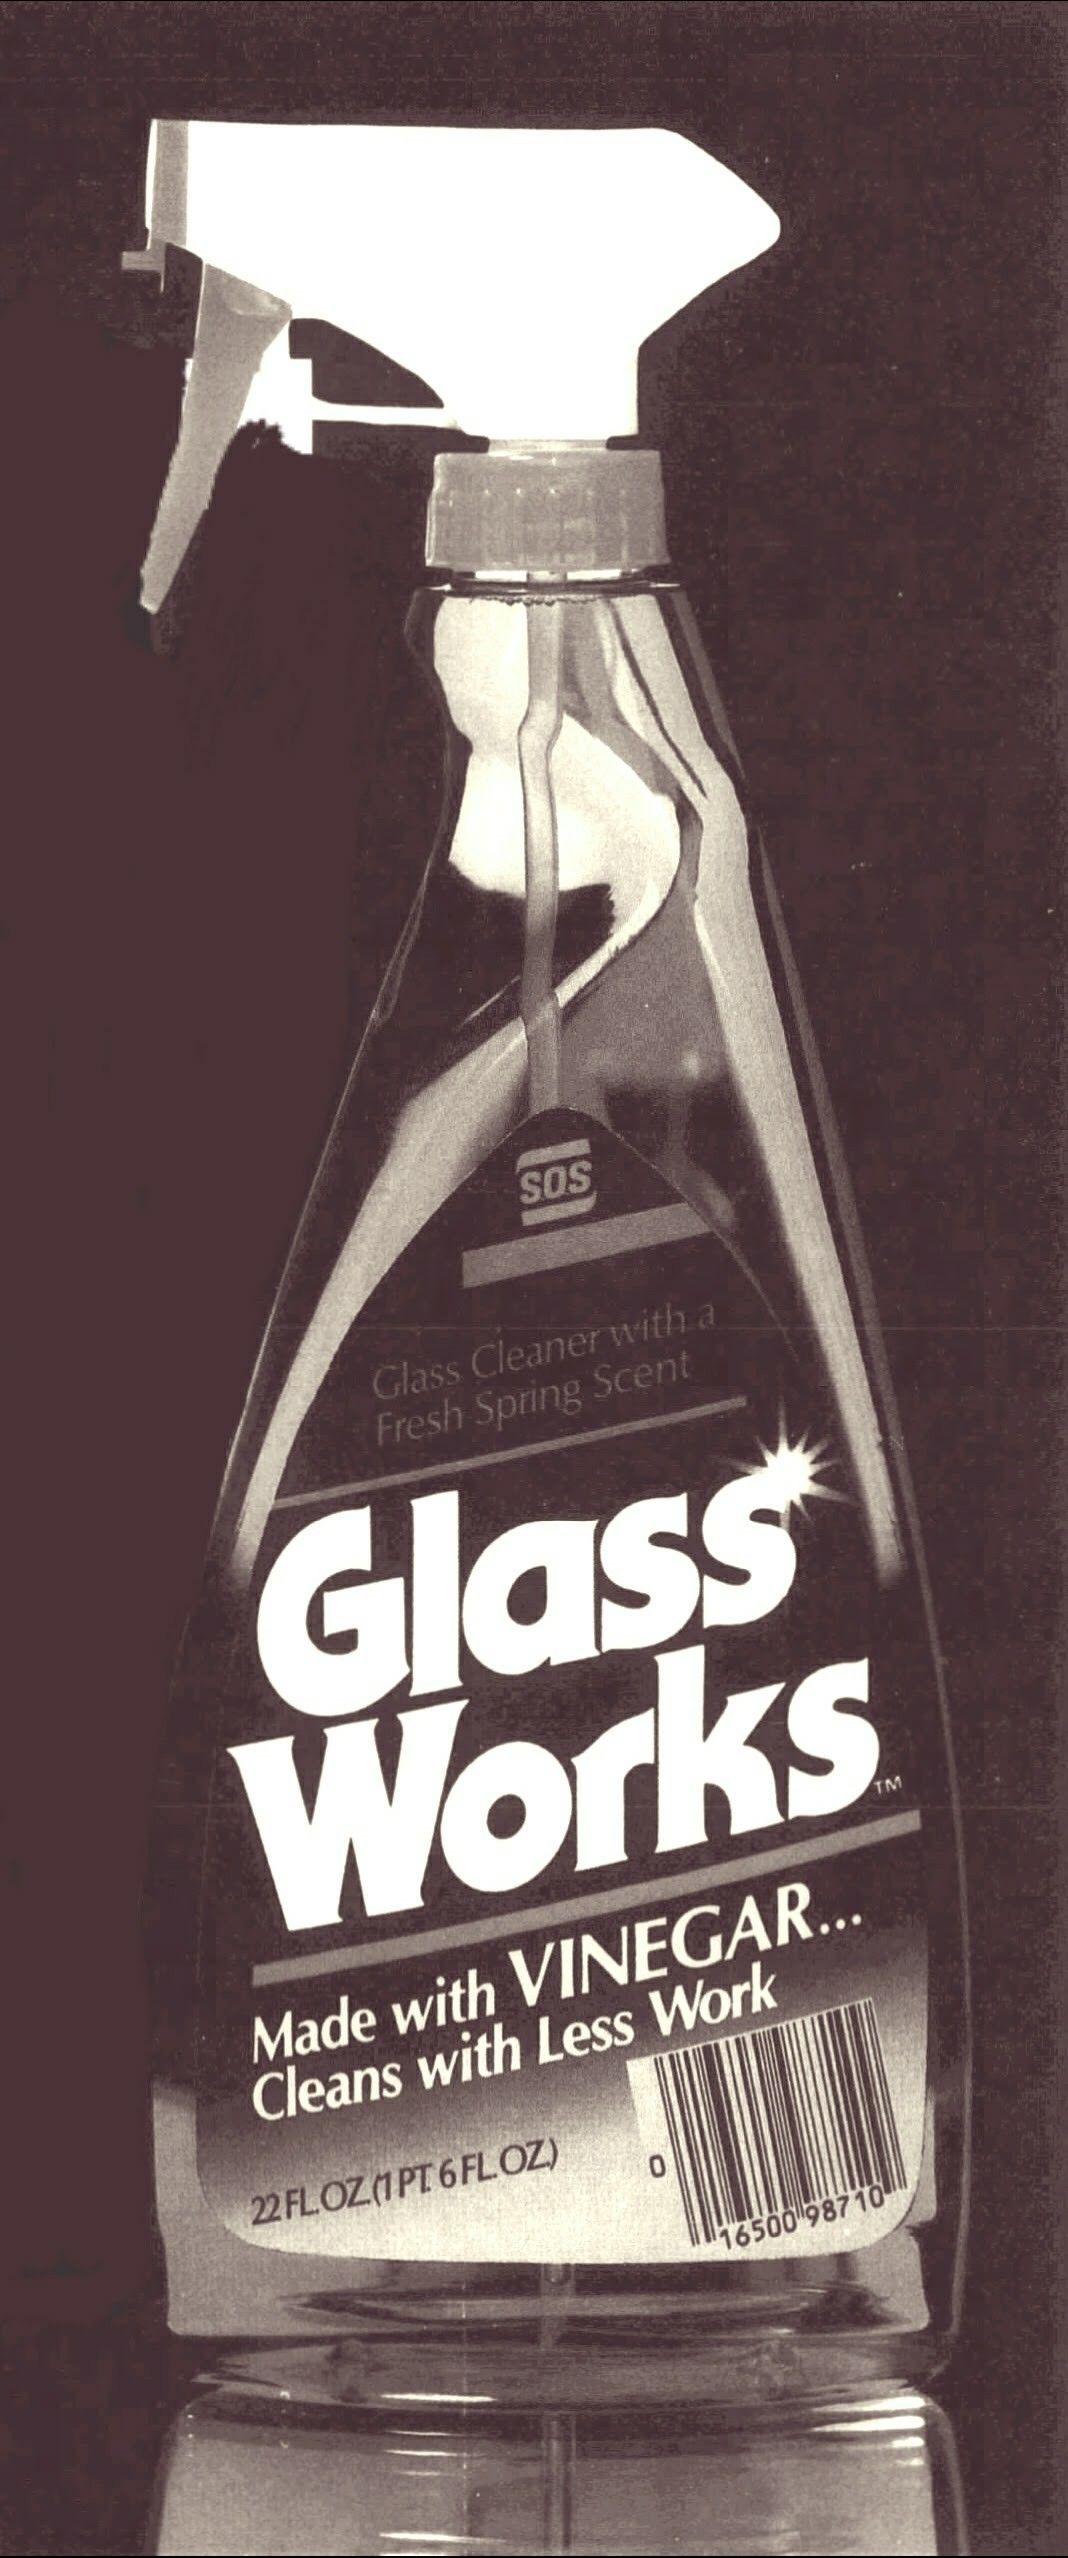 Sos glass works glass cleaner with vinegar vinegar